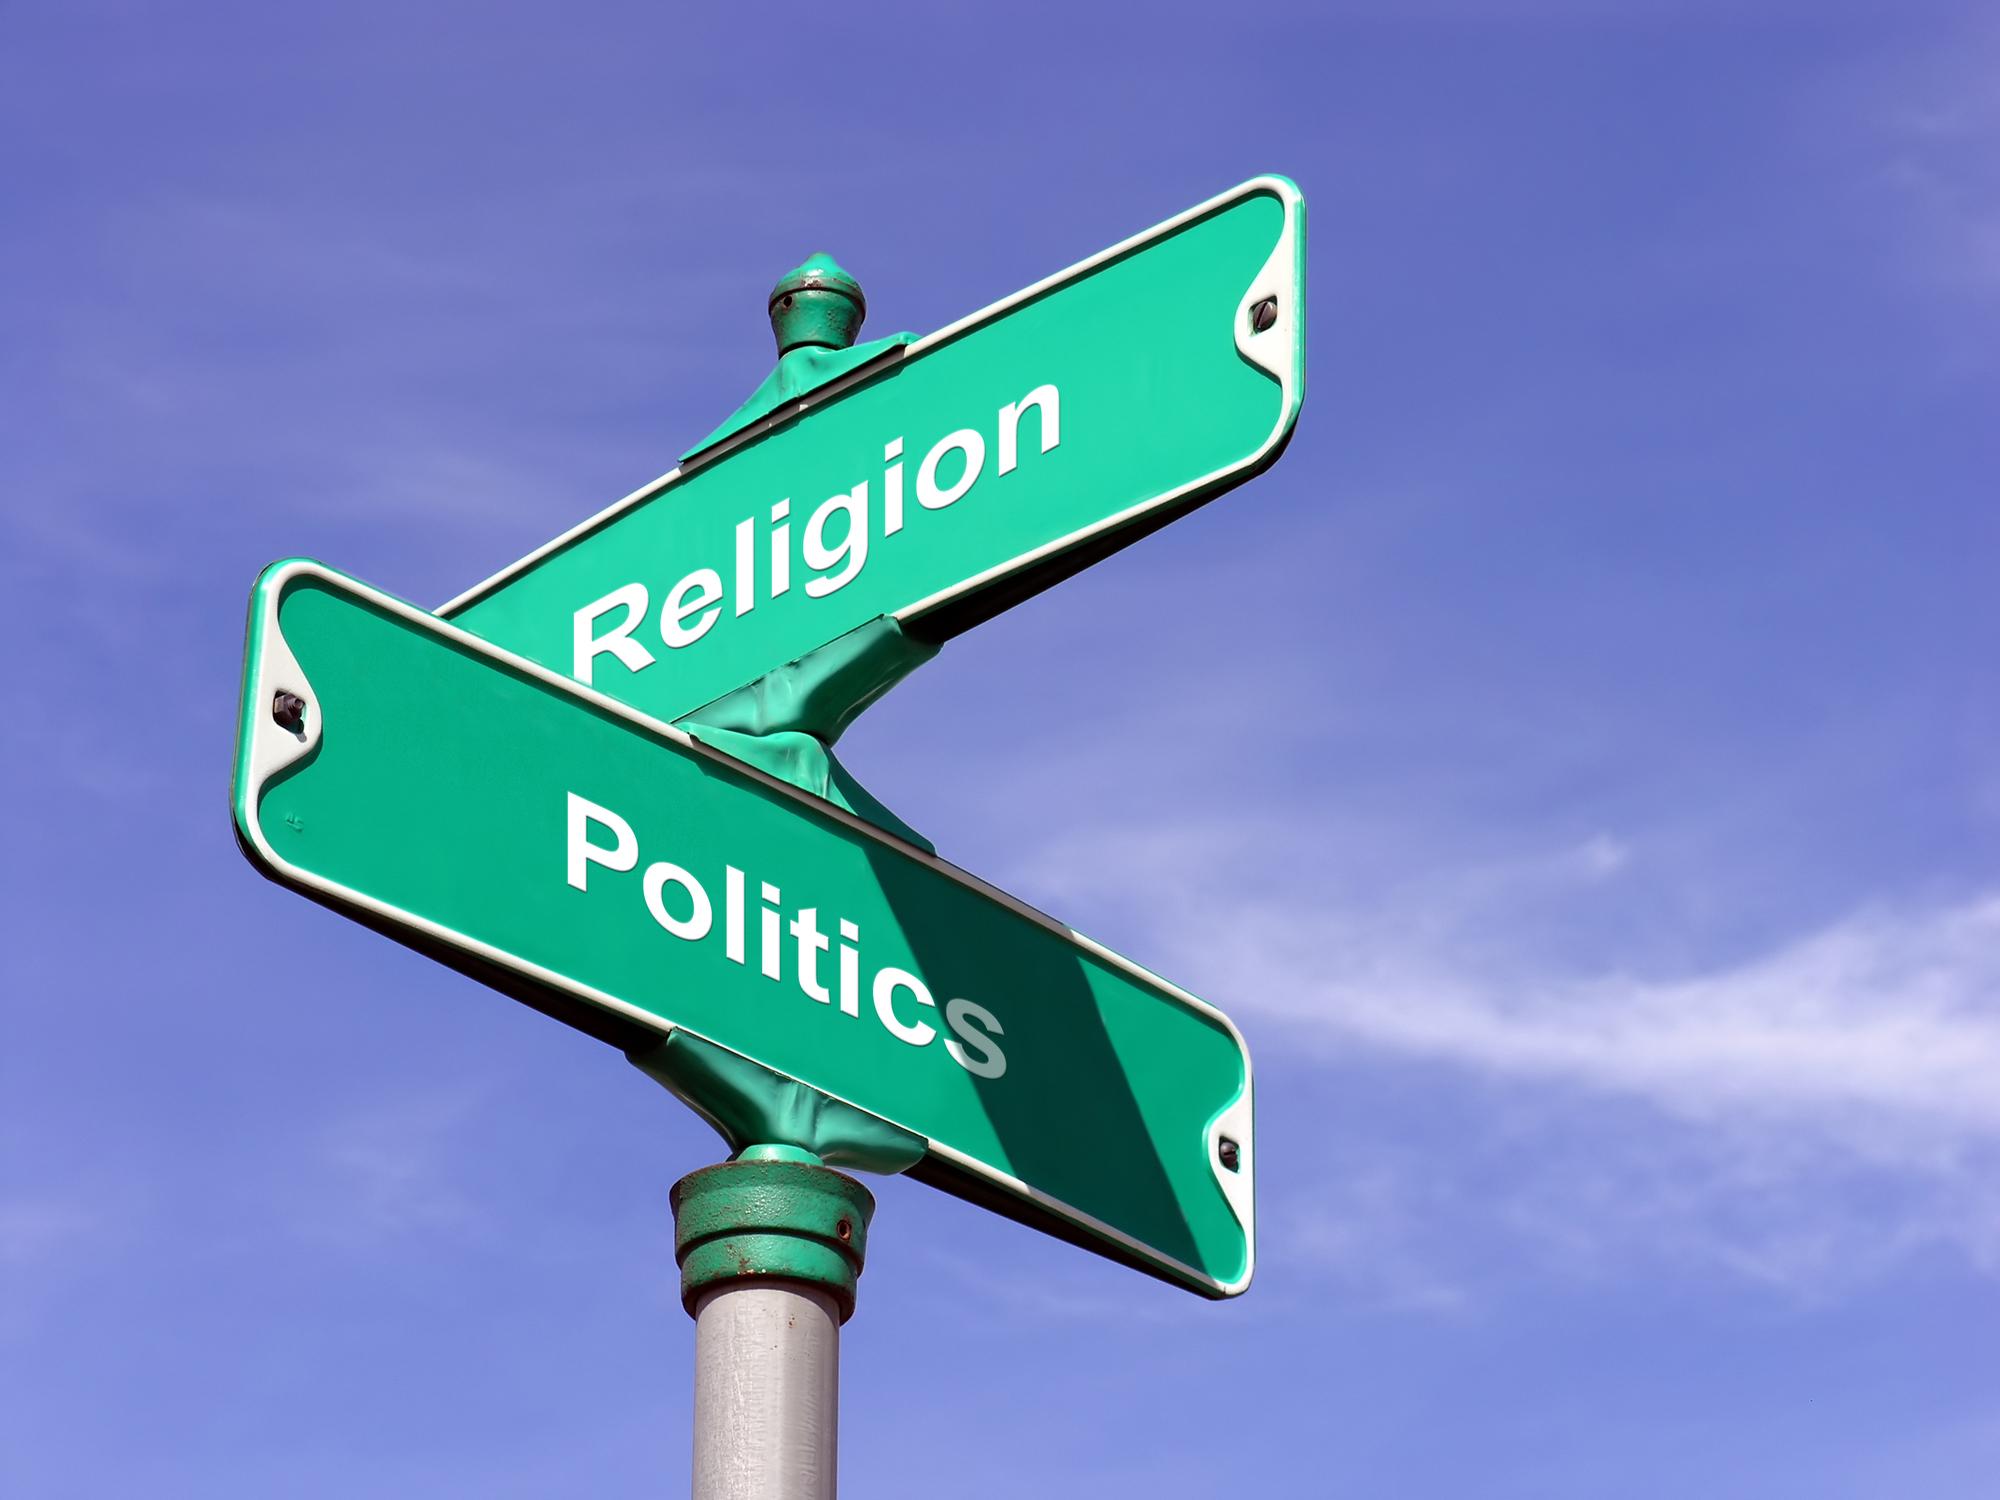 Hogyan beszéljünk udvariasan a politikáról